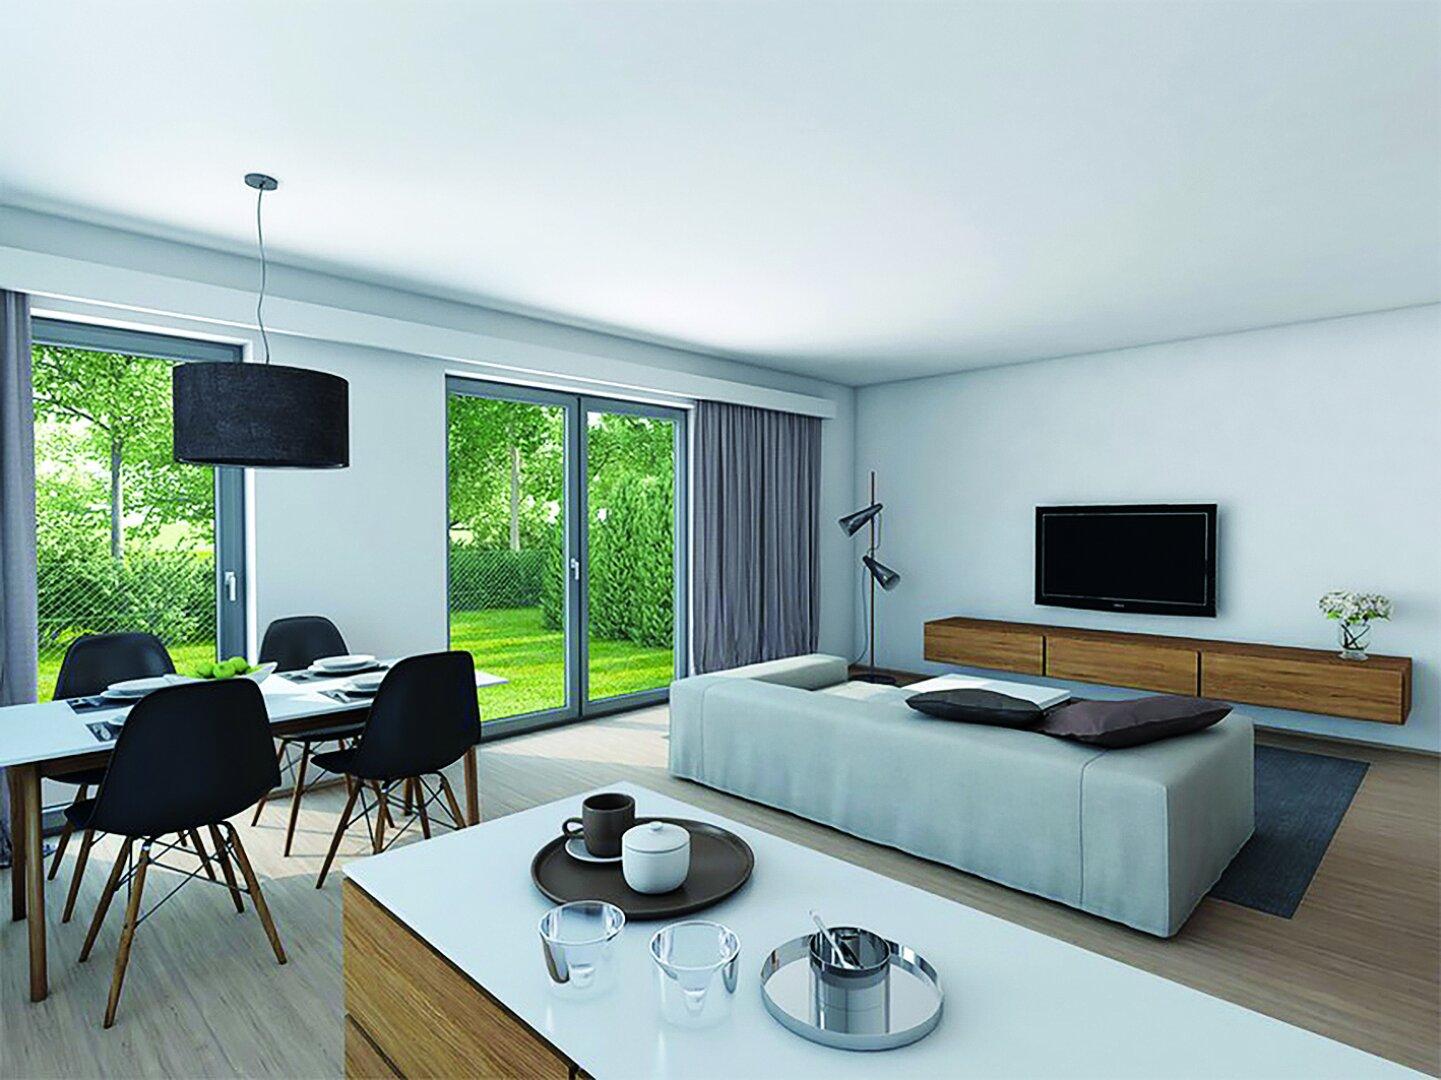 Wohnraum mit großen Glasflächen